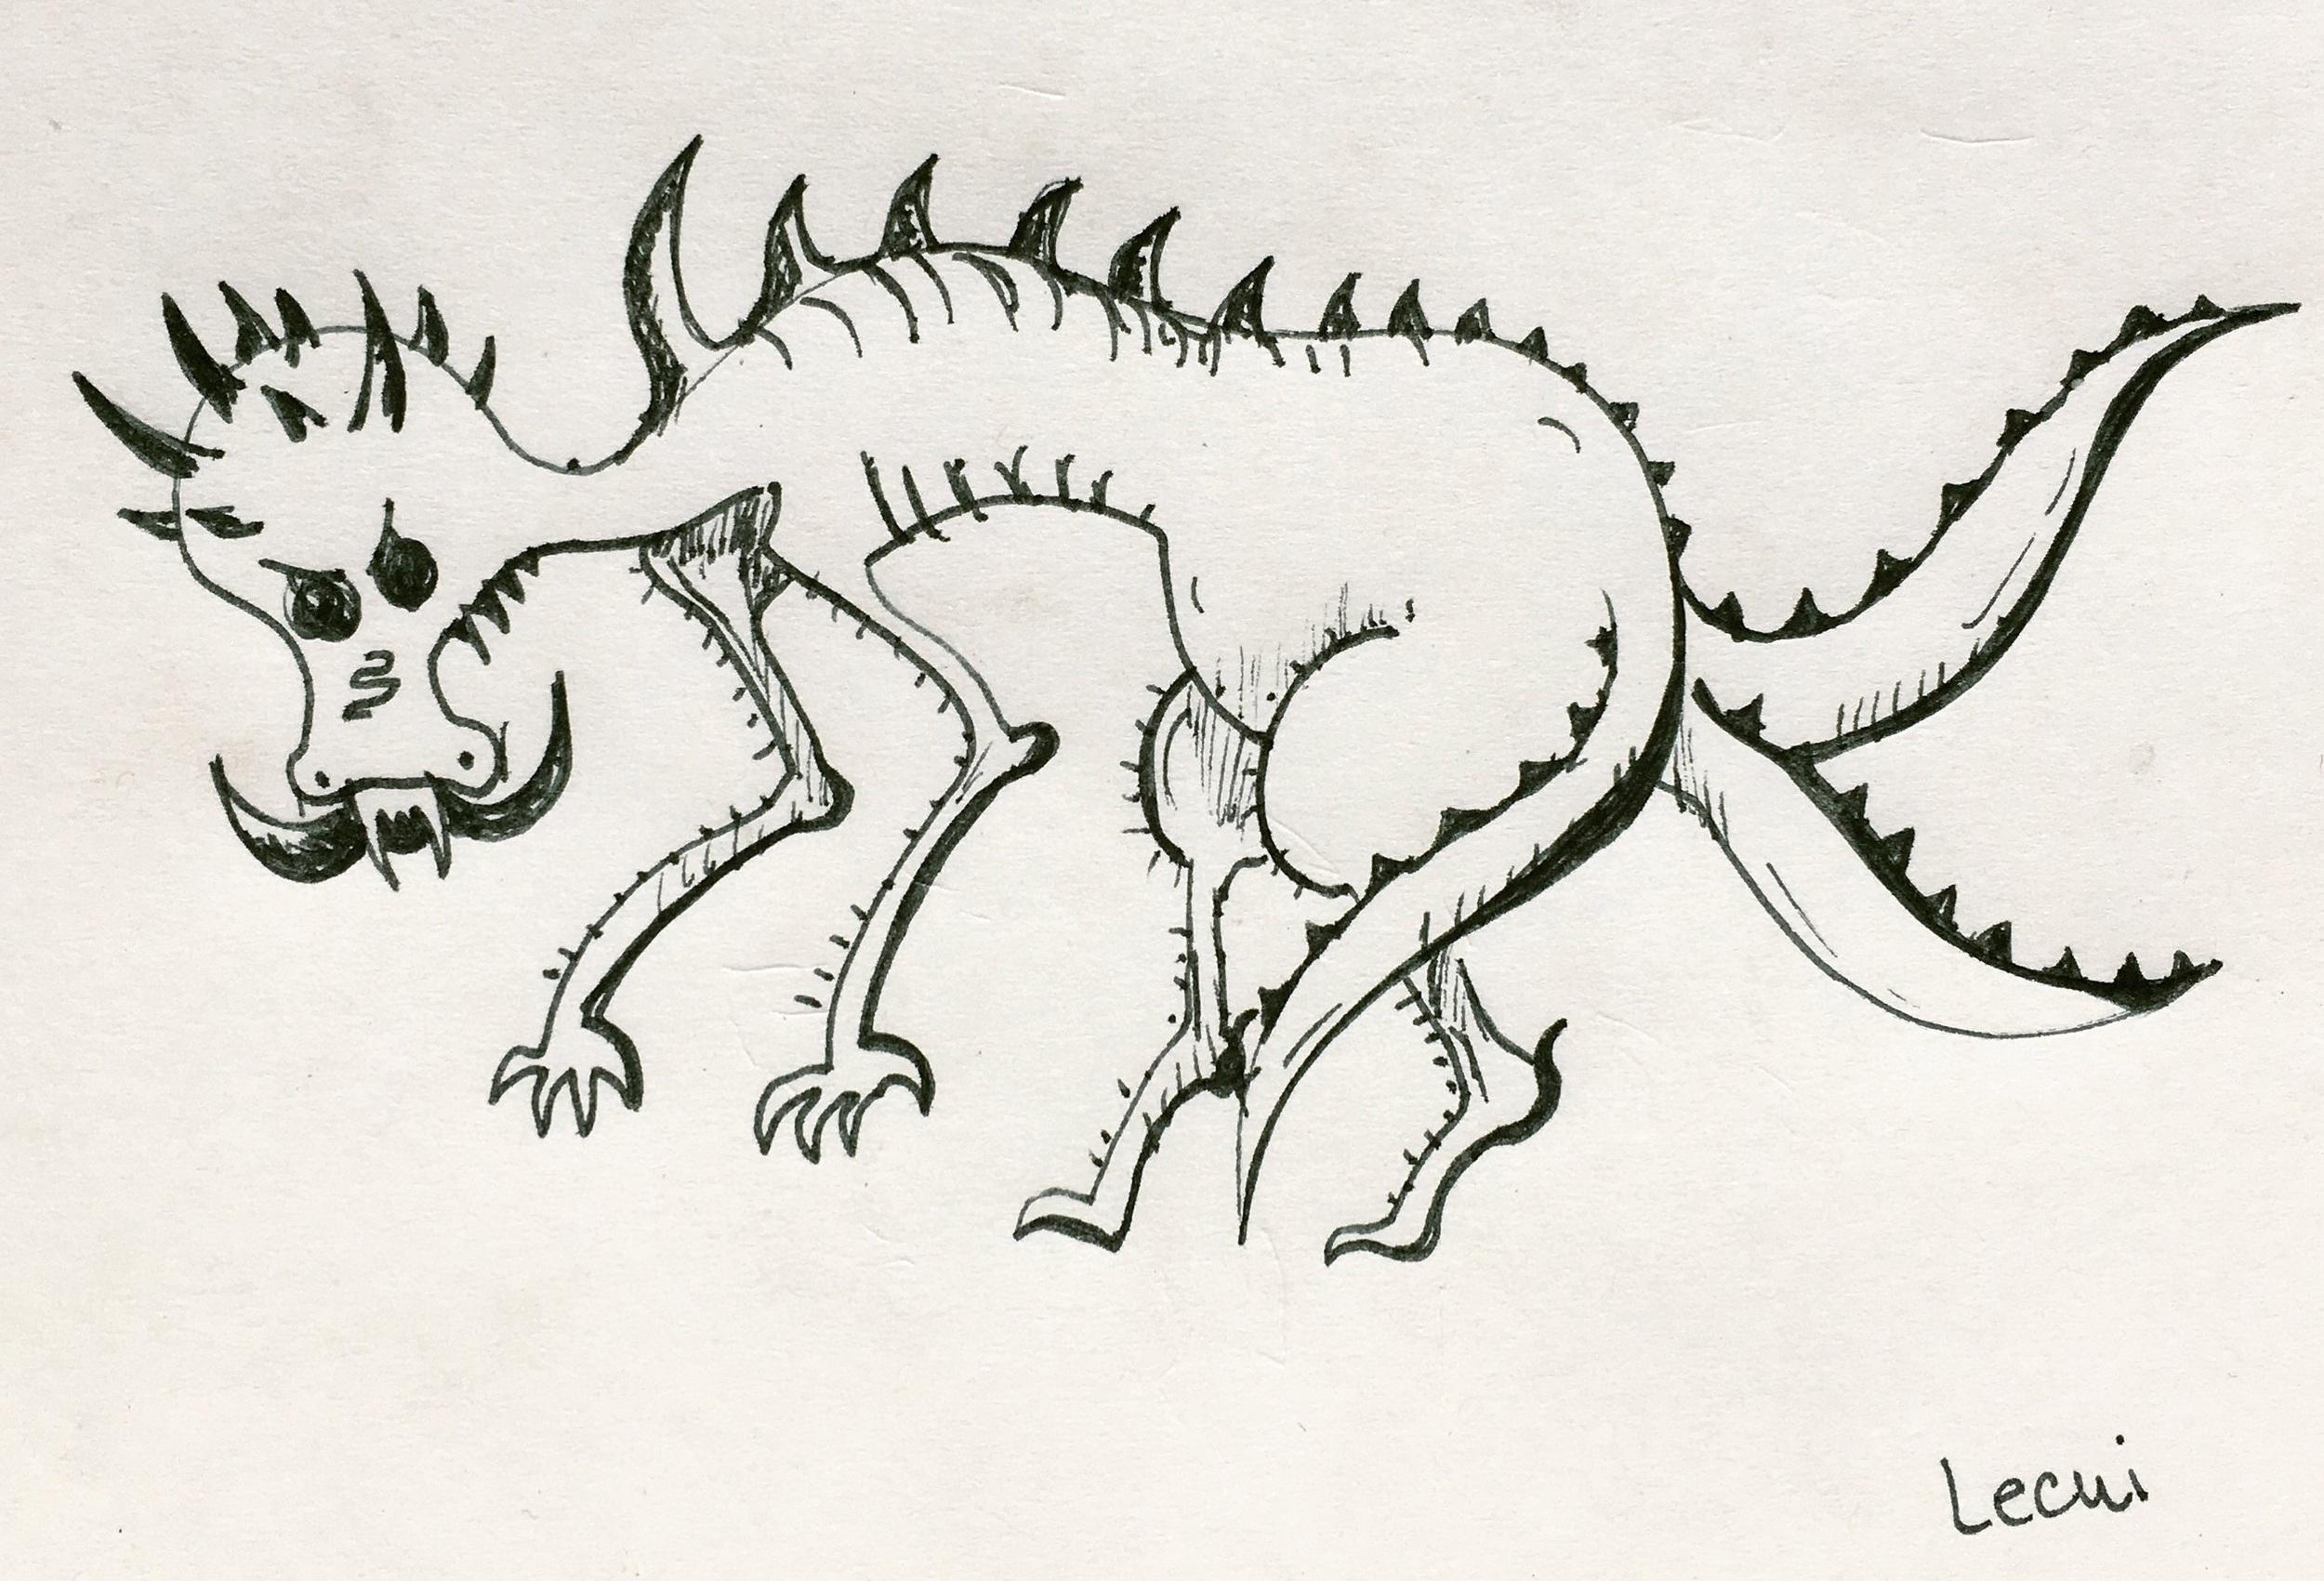 Rough sketch of a lecui.